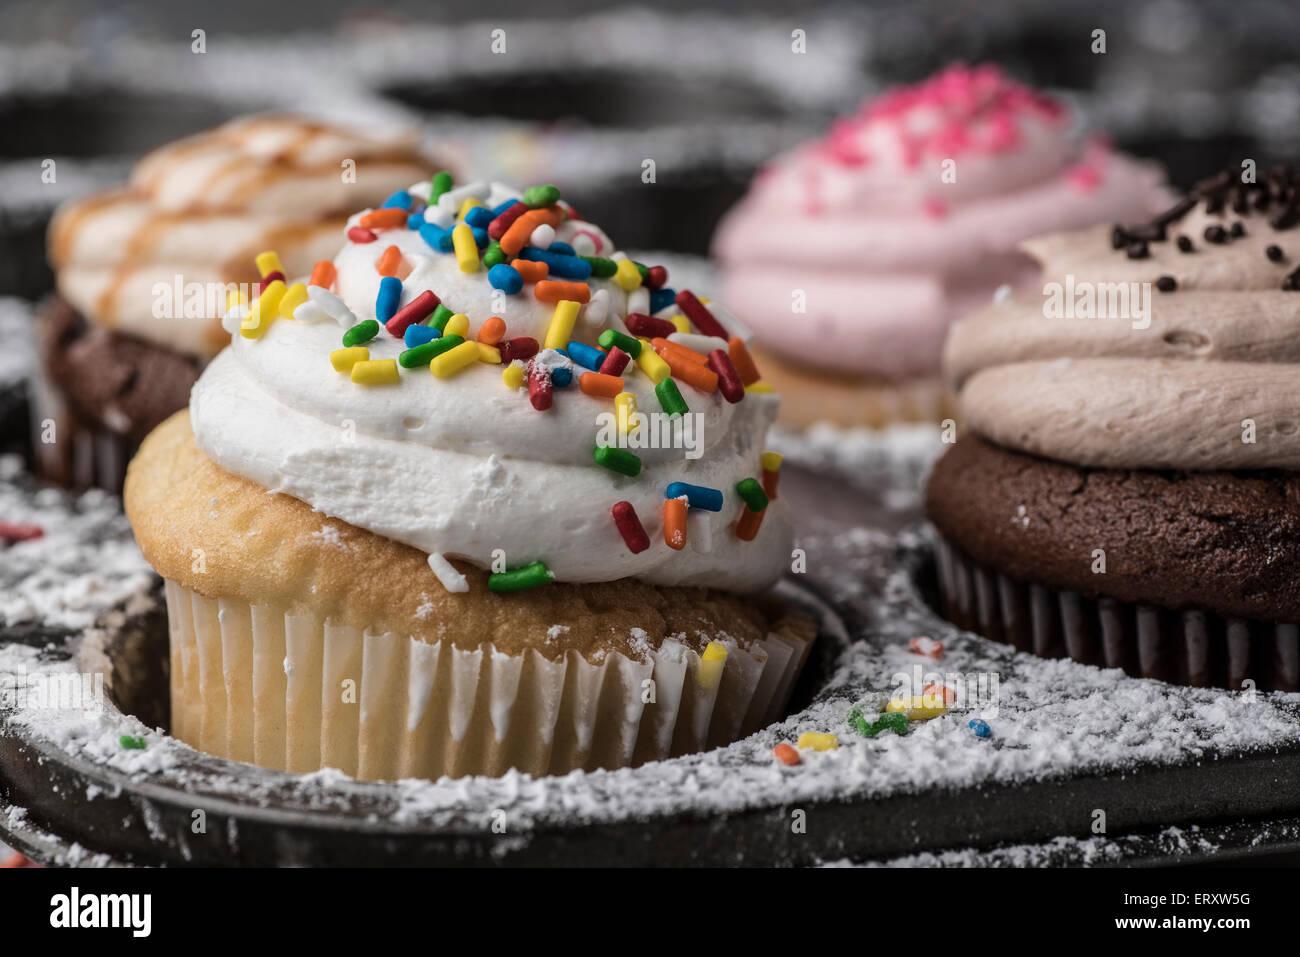 Eine bunte Cupcake umgeben von Zucker und Streuseln Stockbild